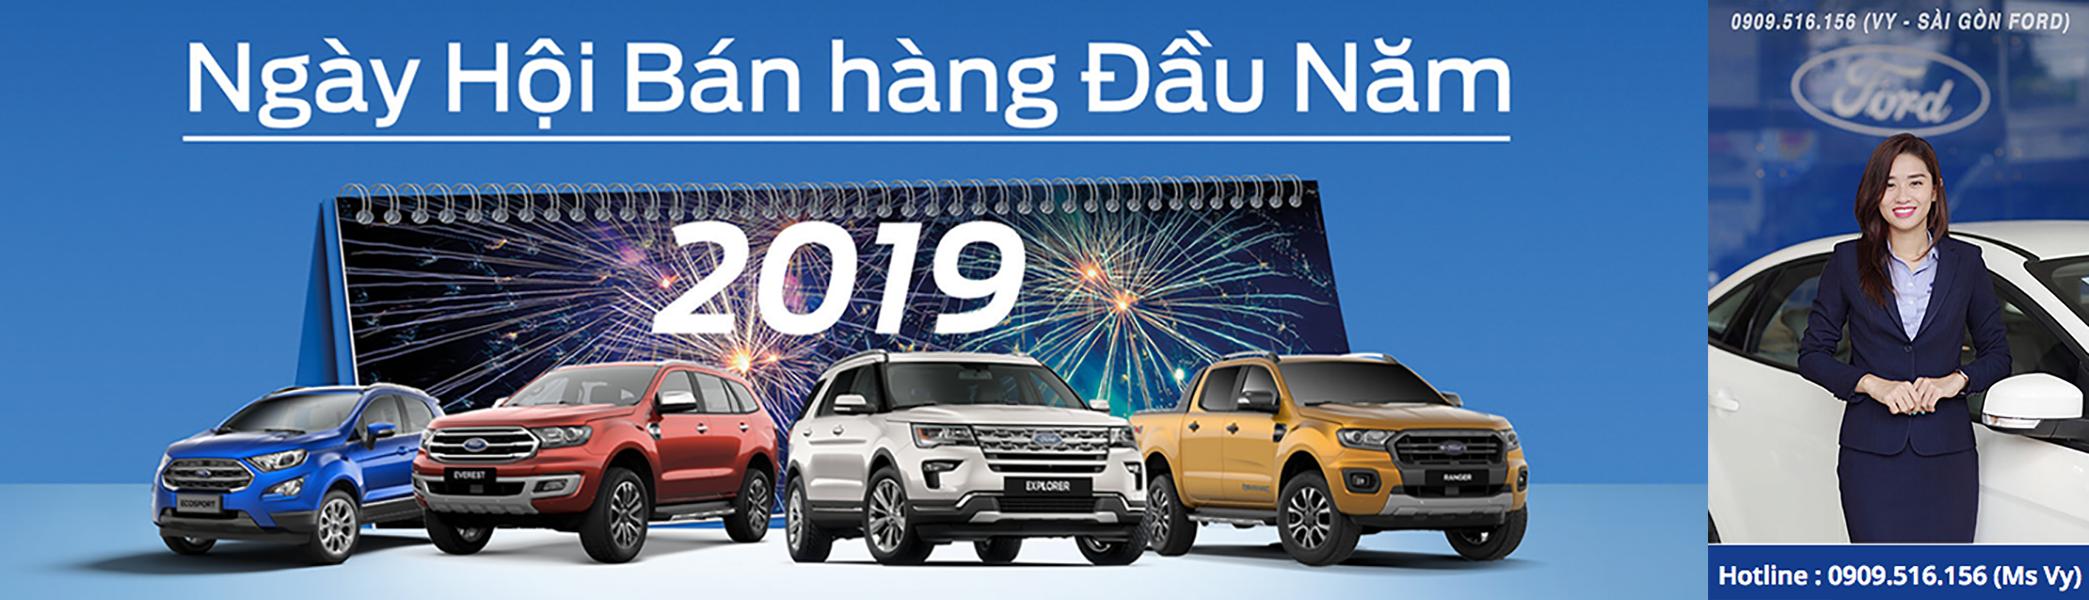 thang-ban-hang-2019-saigon-ford-ms-vy